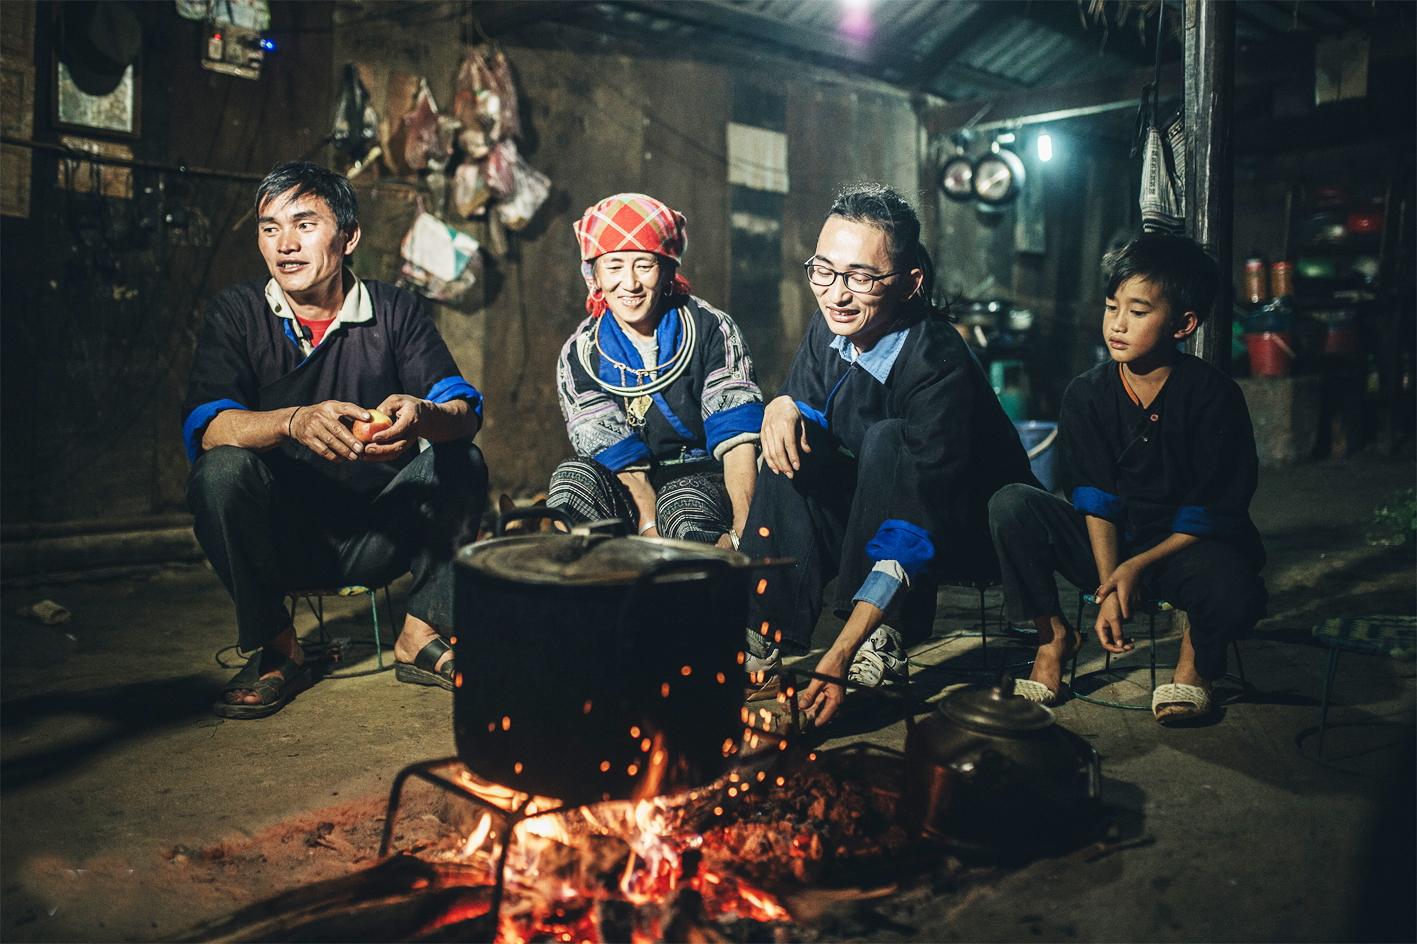 Gia đình Khang A Tủa sum vầy bên bếp lửa - Ảnh: WeChoice Awards